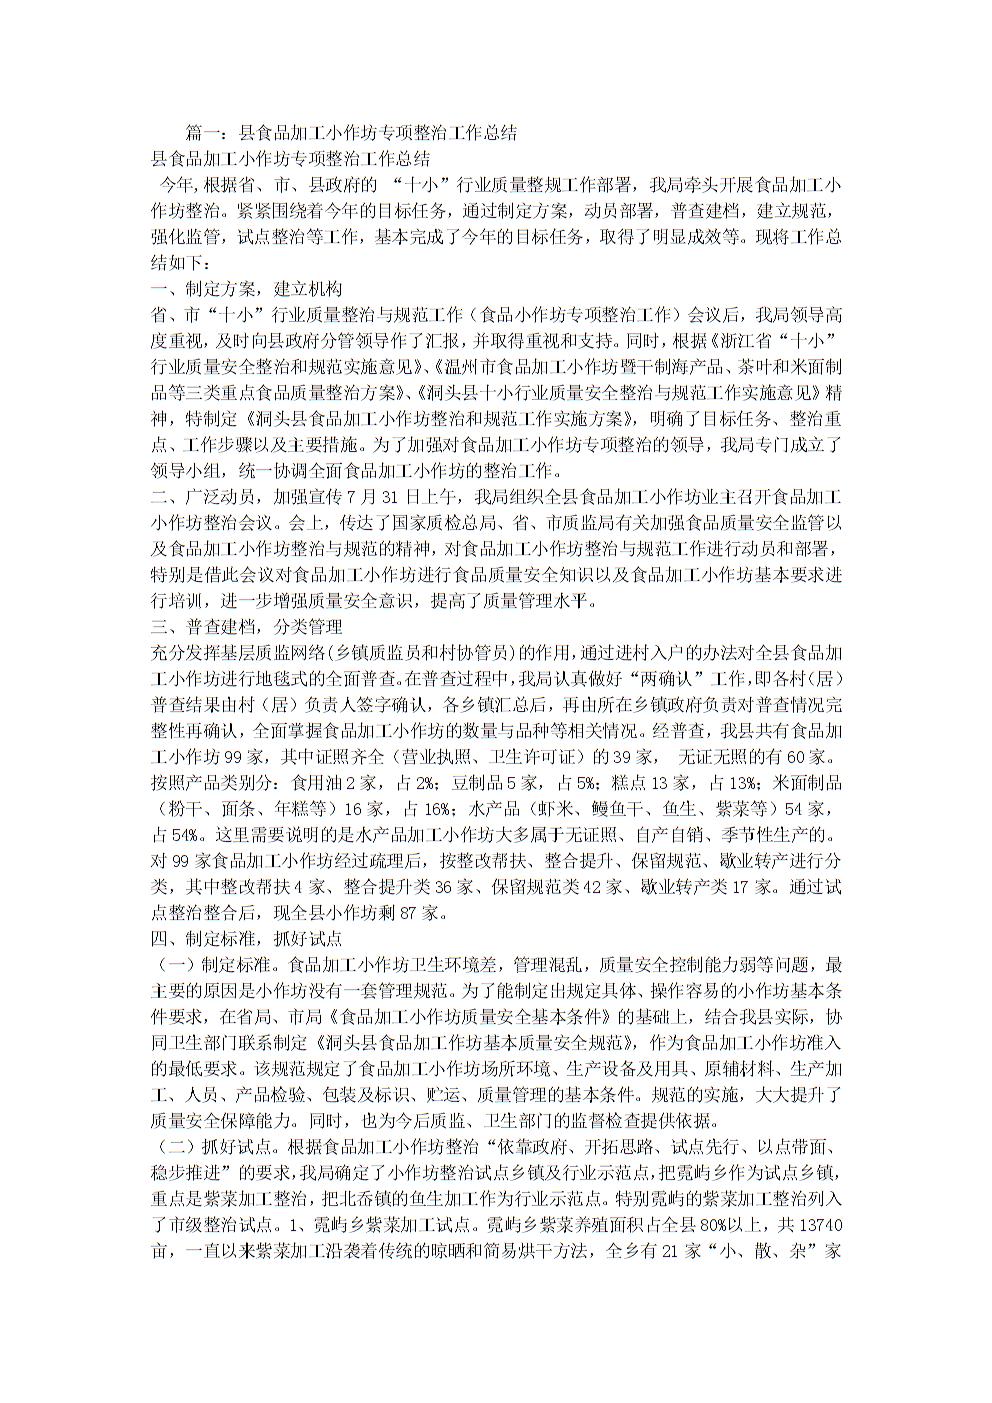 食品生产加工小作坊整治工作总结.doc